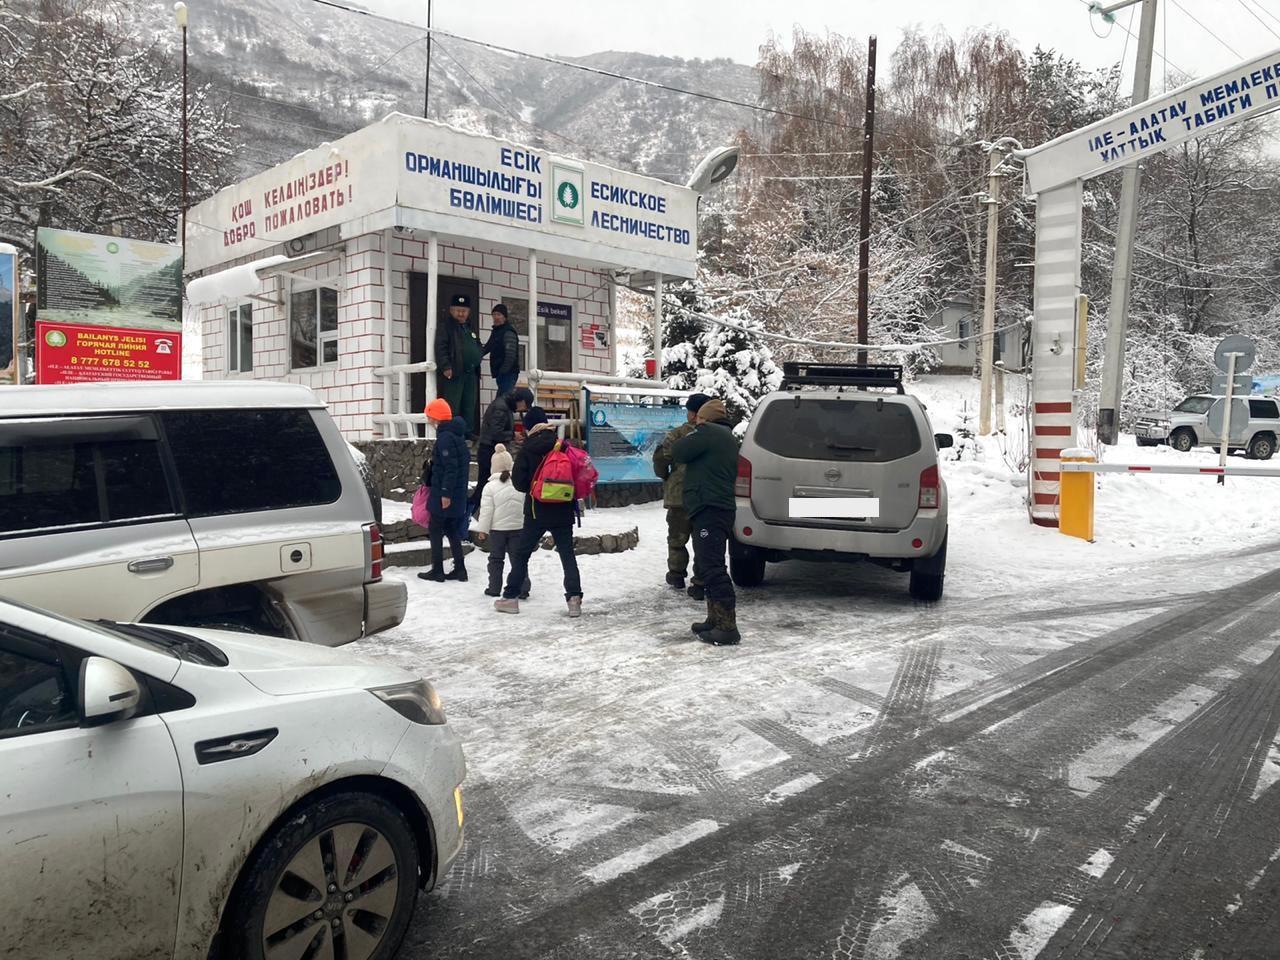 Туристов доставили до автовокзала в Есике.